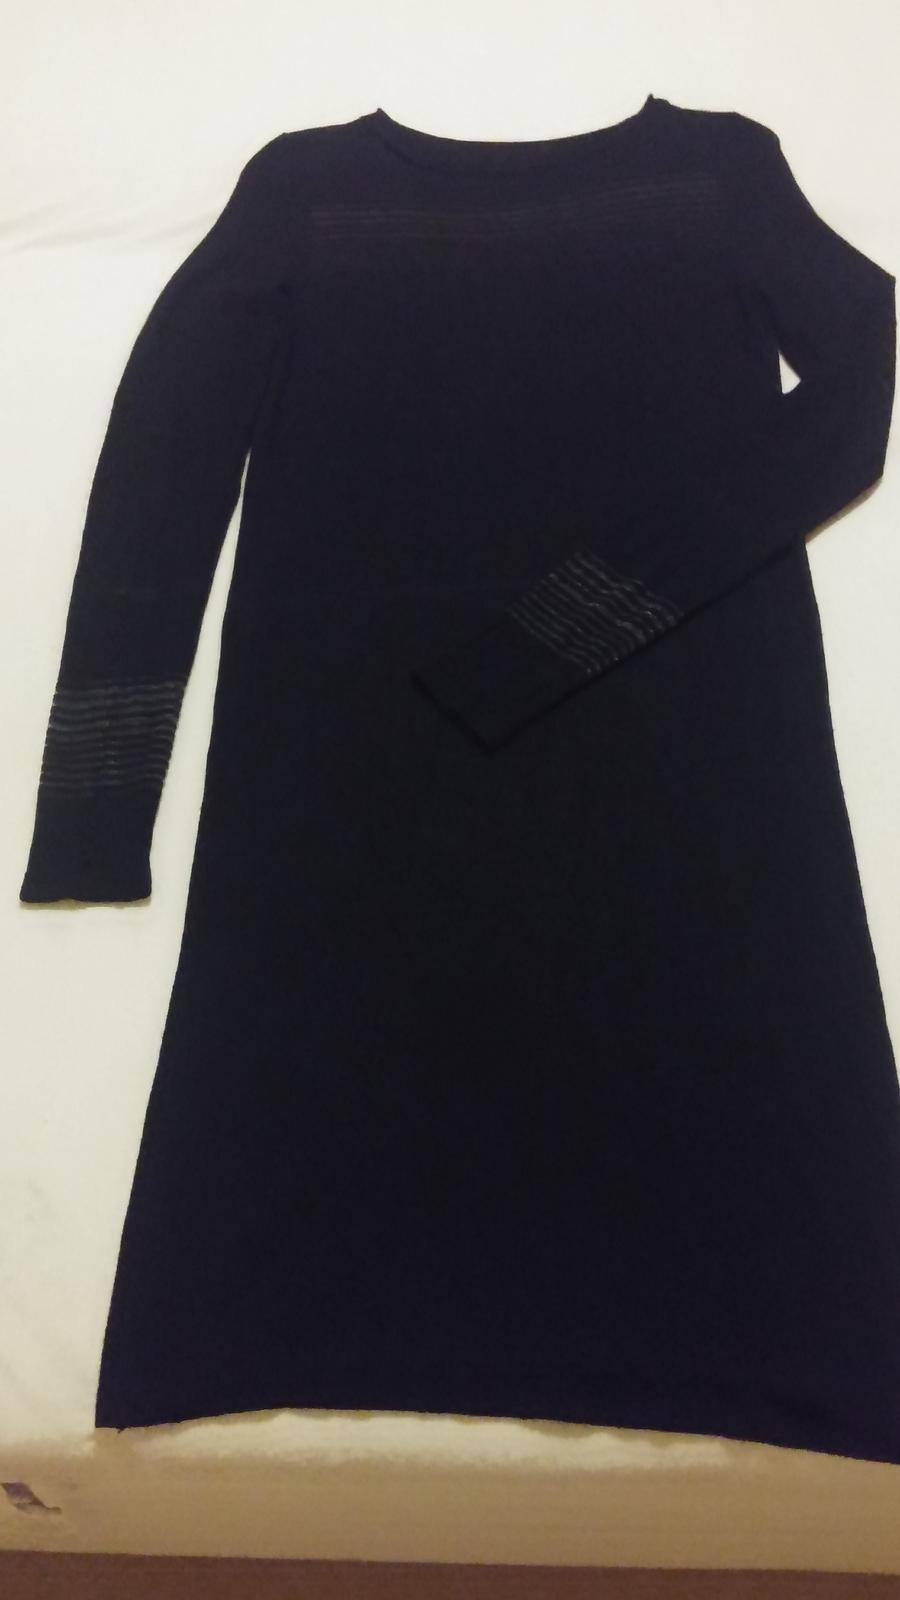 Úpletové šaty esmara 36-38 e7165fbf1a7